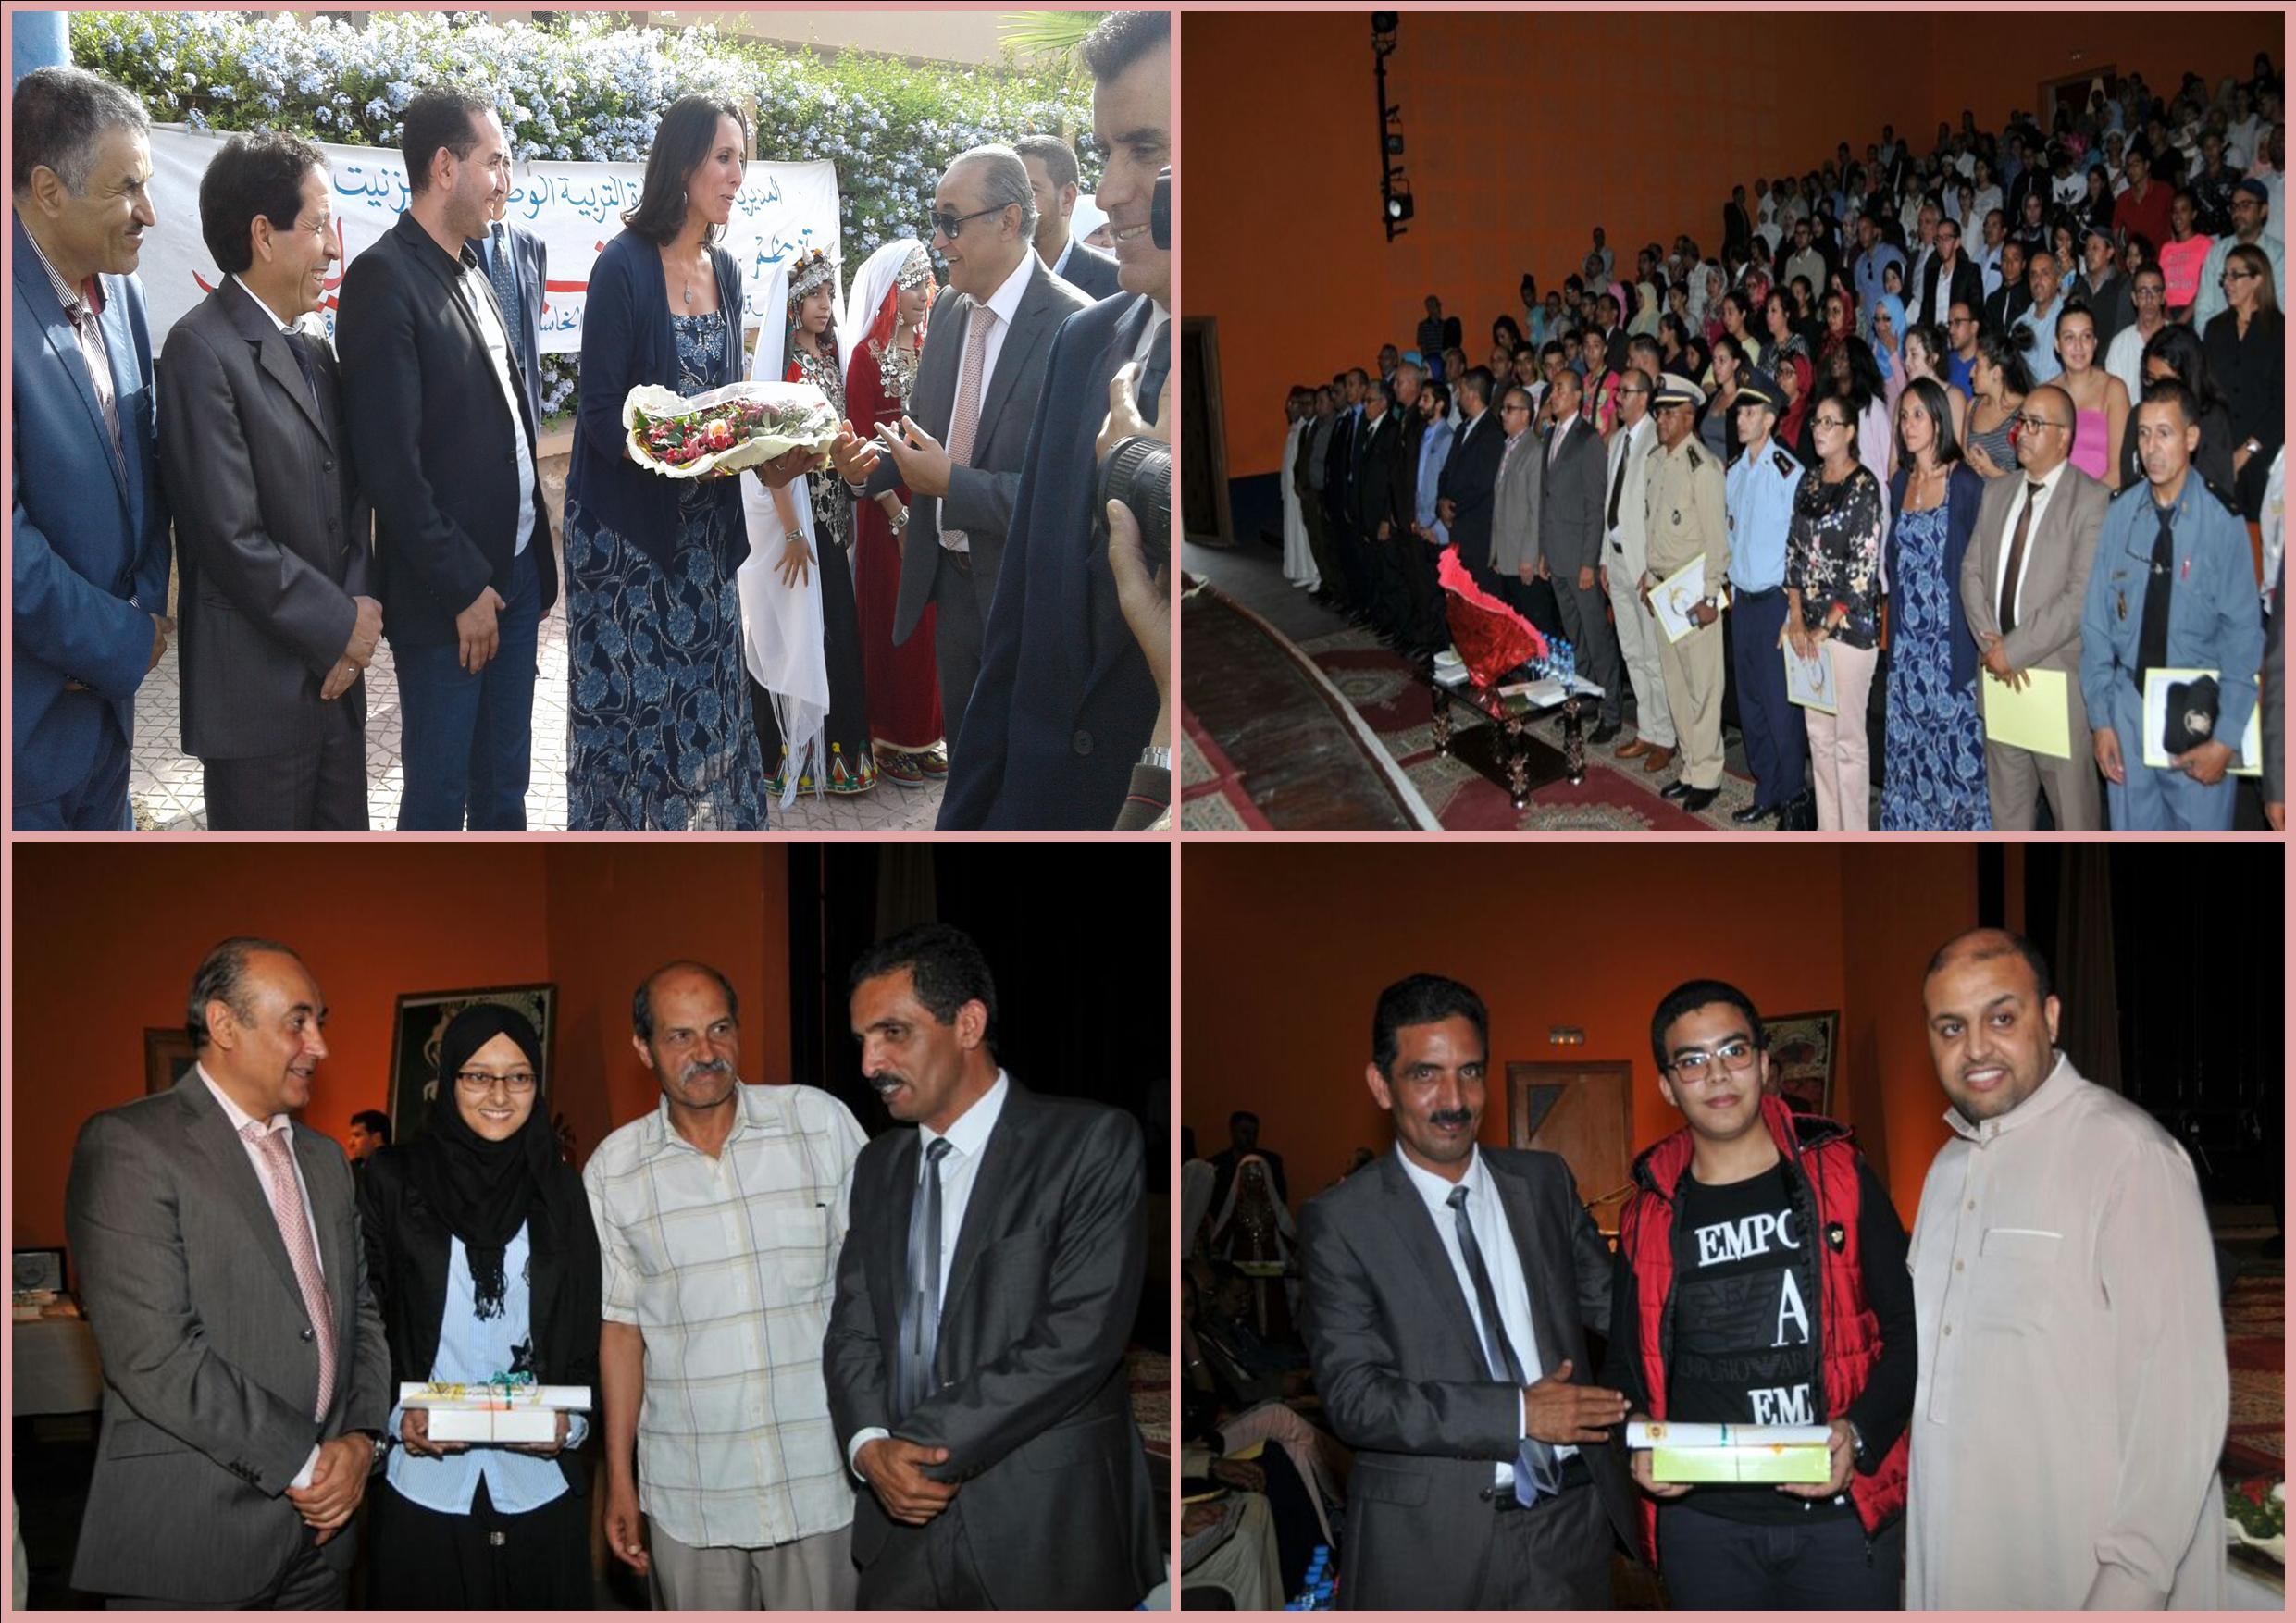 تكريم التلاميذ المتفوقين في حفل التميز المدرسي بالمديرية الإقليمية بتيزنيت